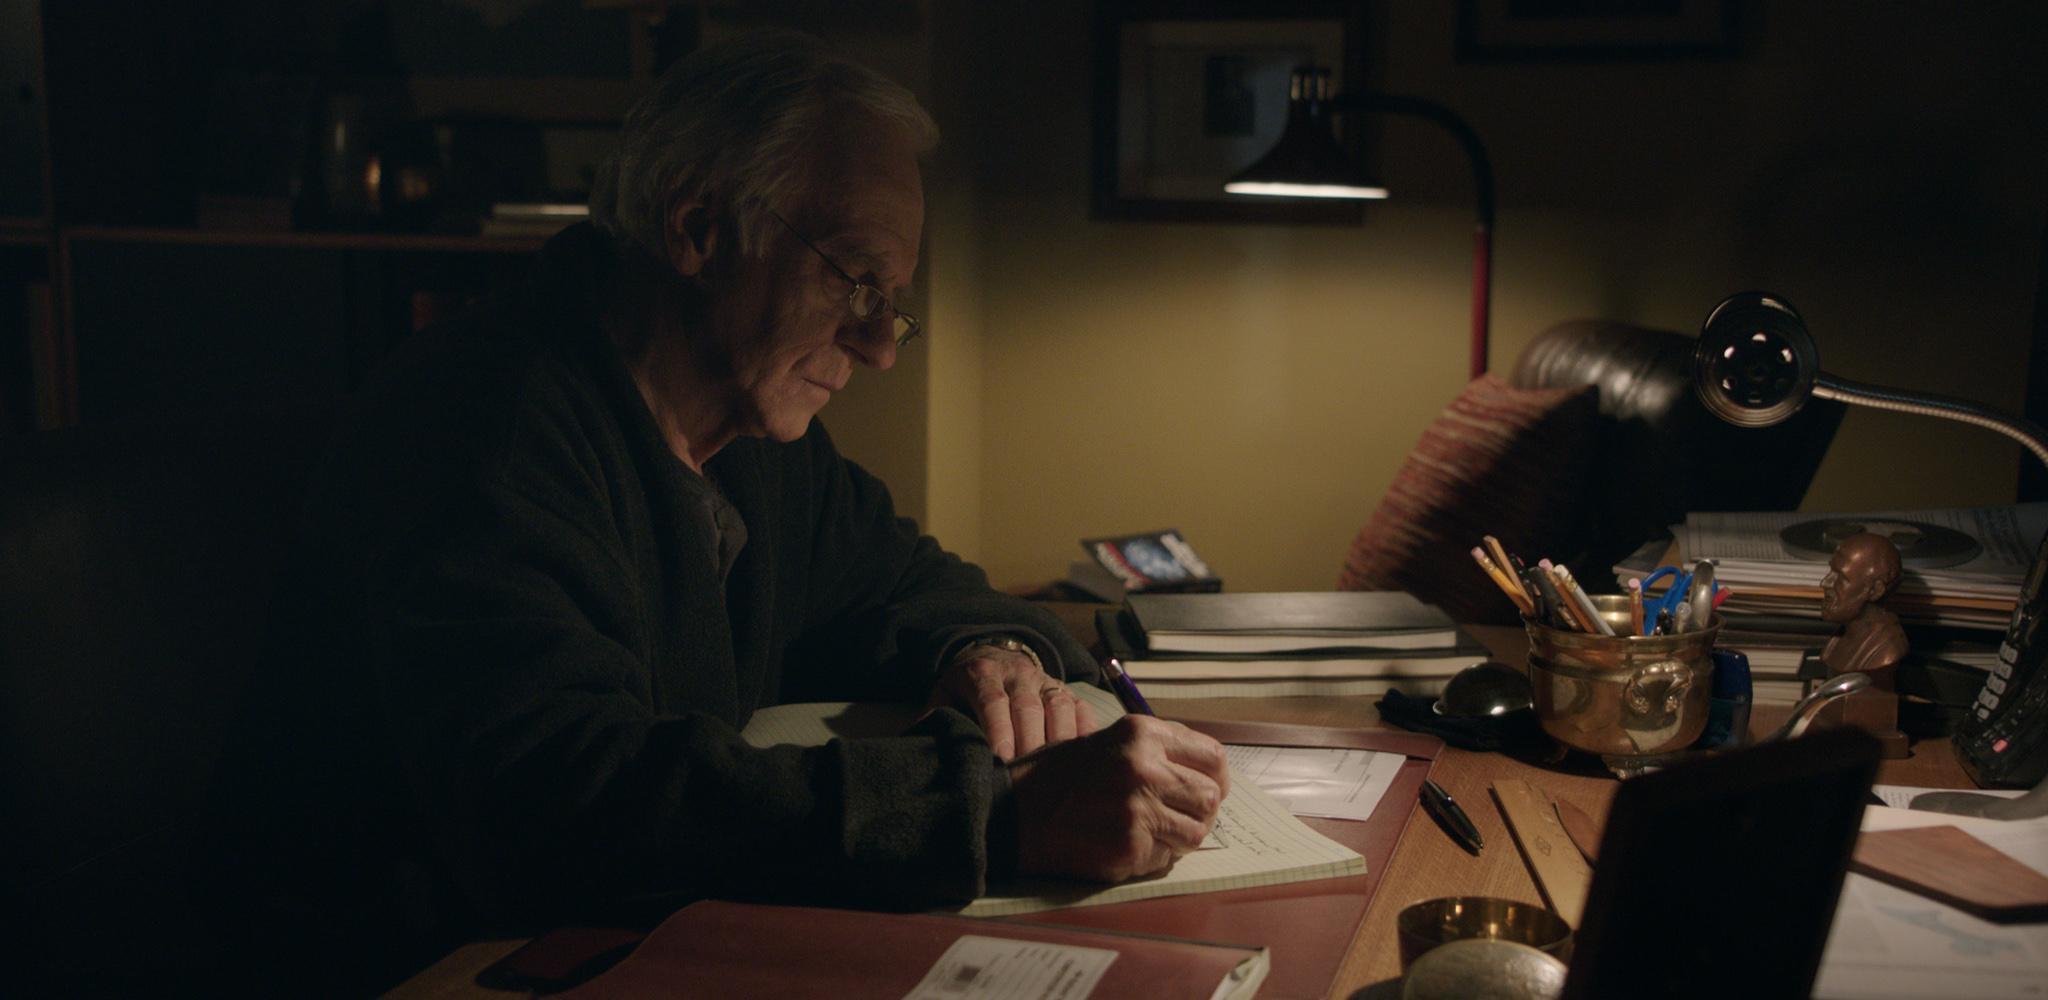 Le journal d'un vieil homme – Adieu